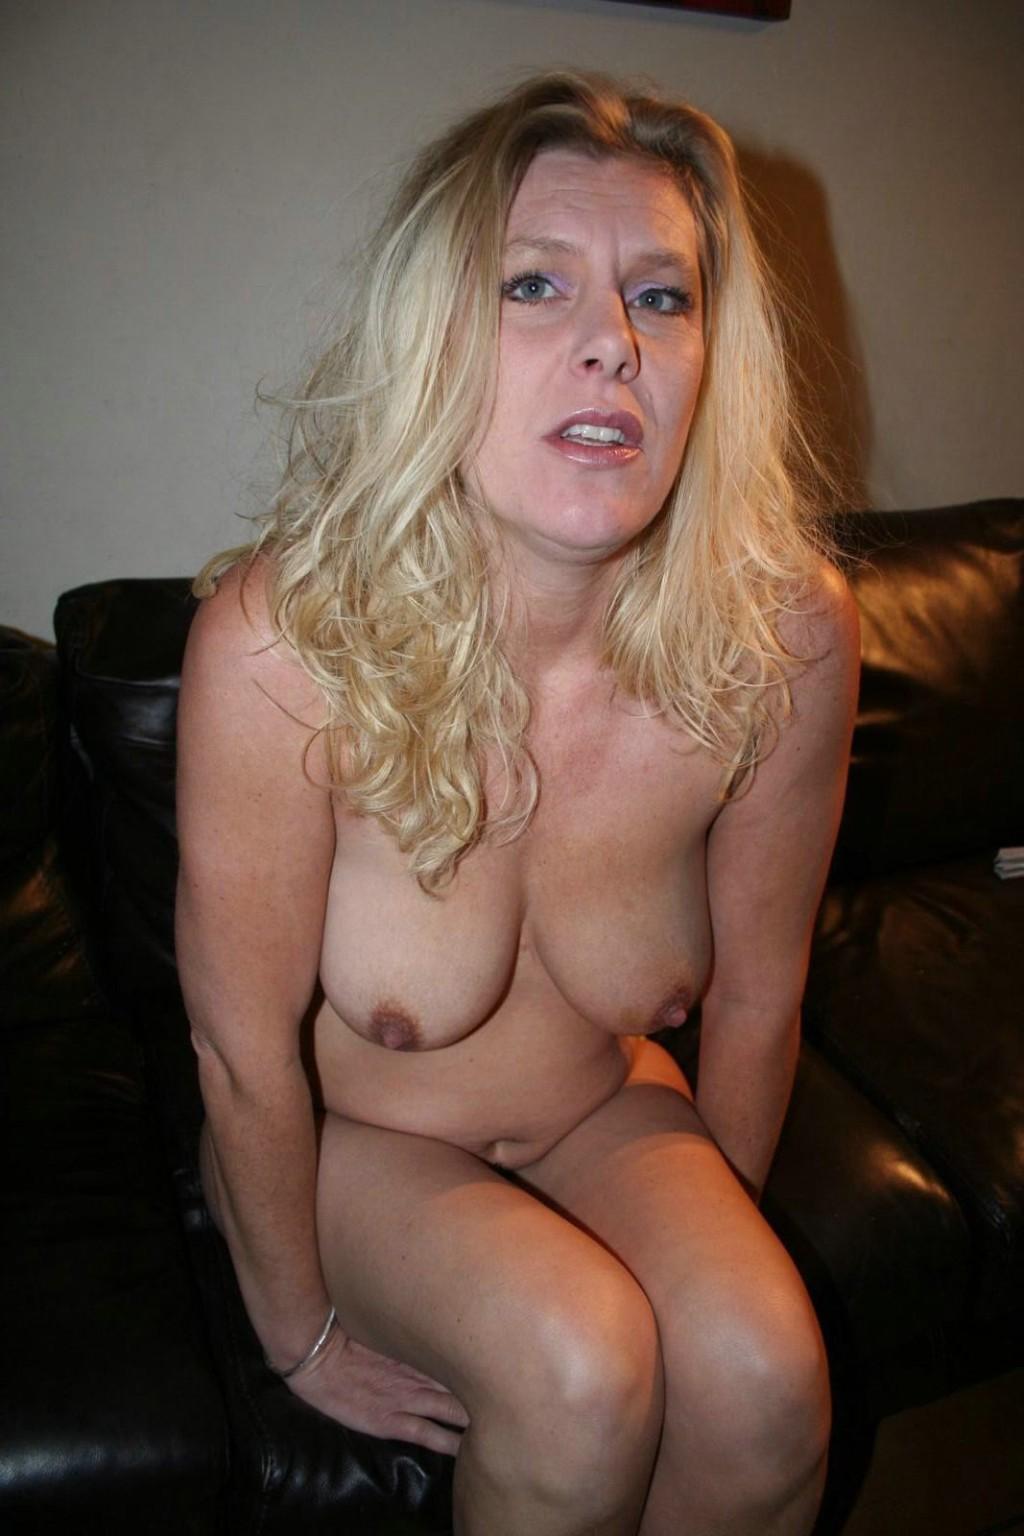 Bdsm amateur porn